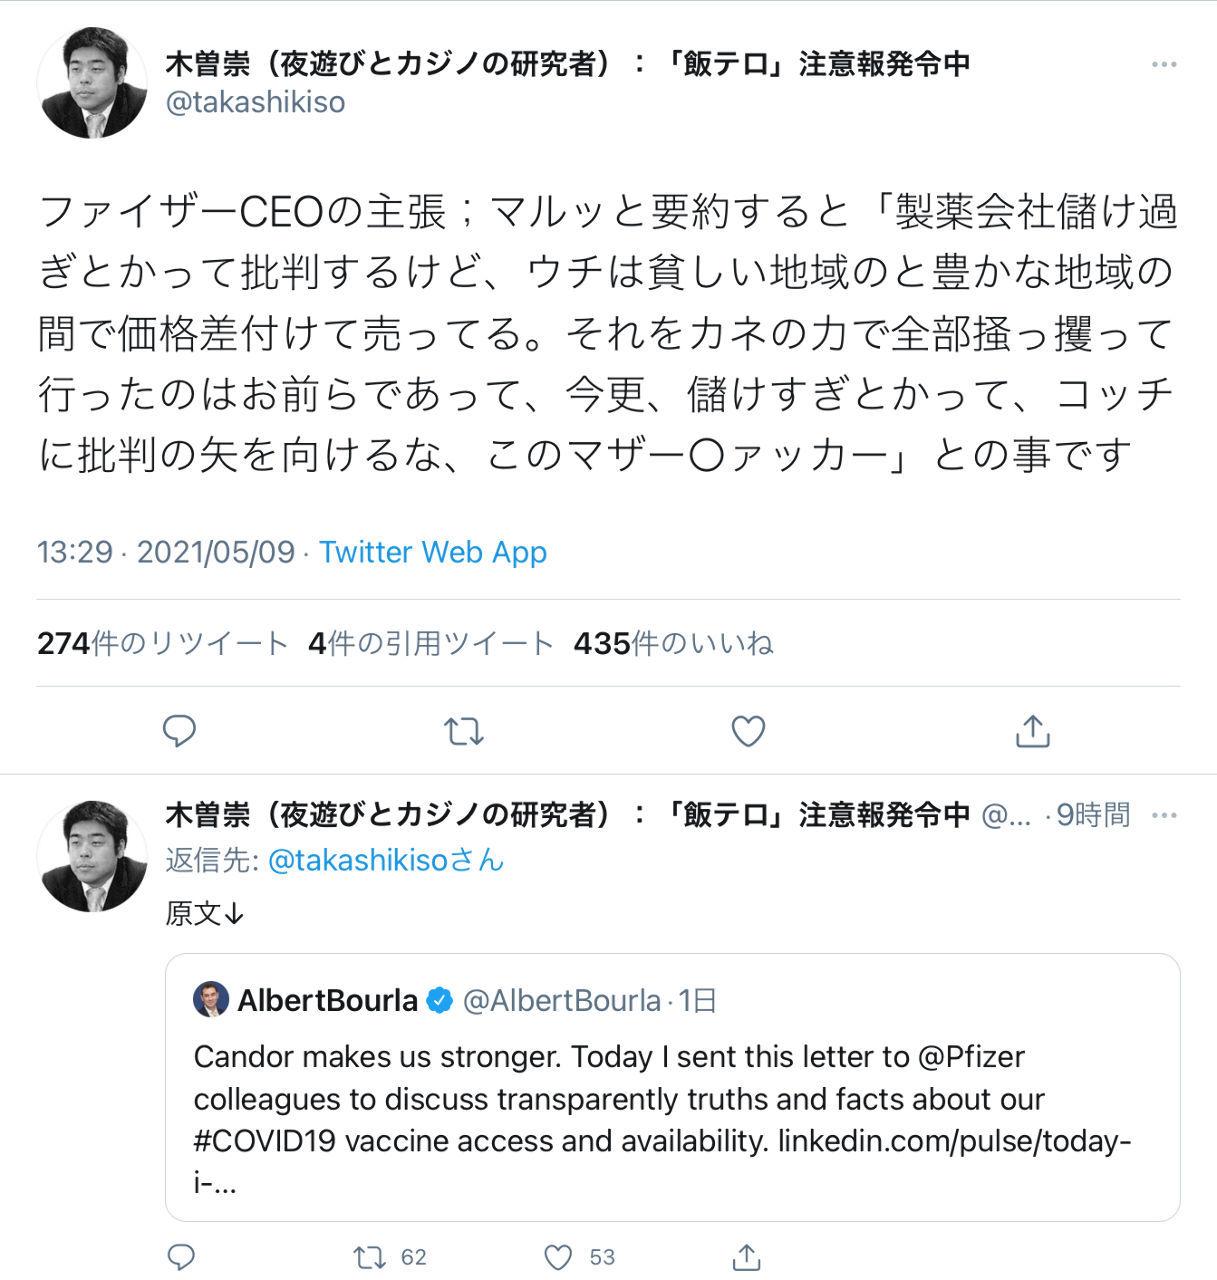 くるみぱん2 💉  https://twitter.com/takashikiso/status/13912489